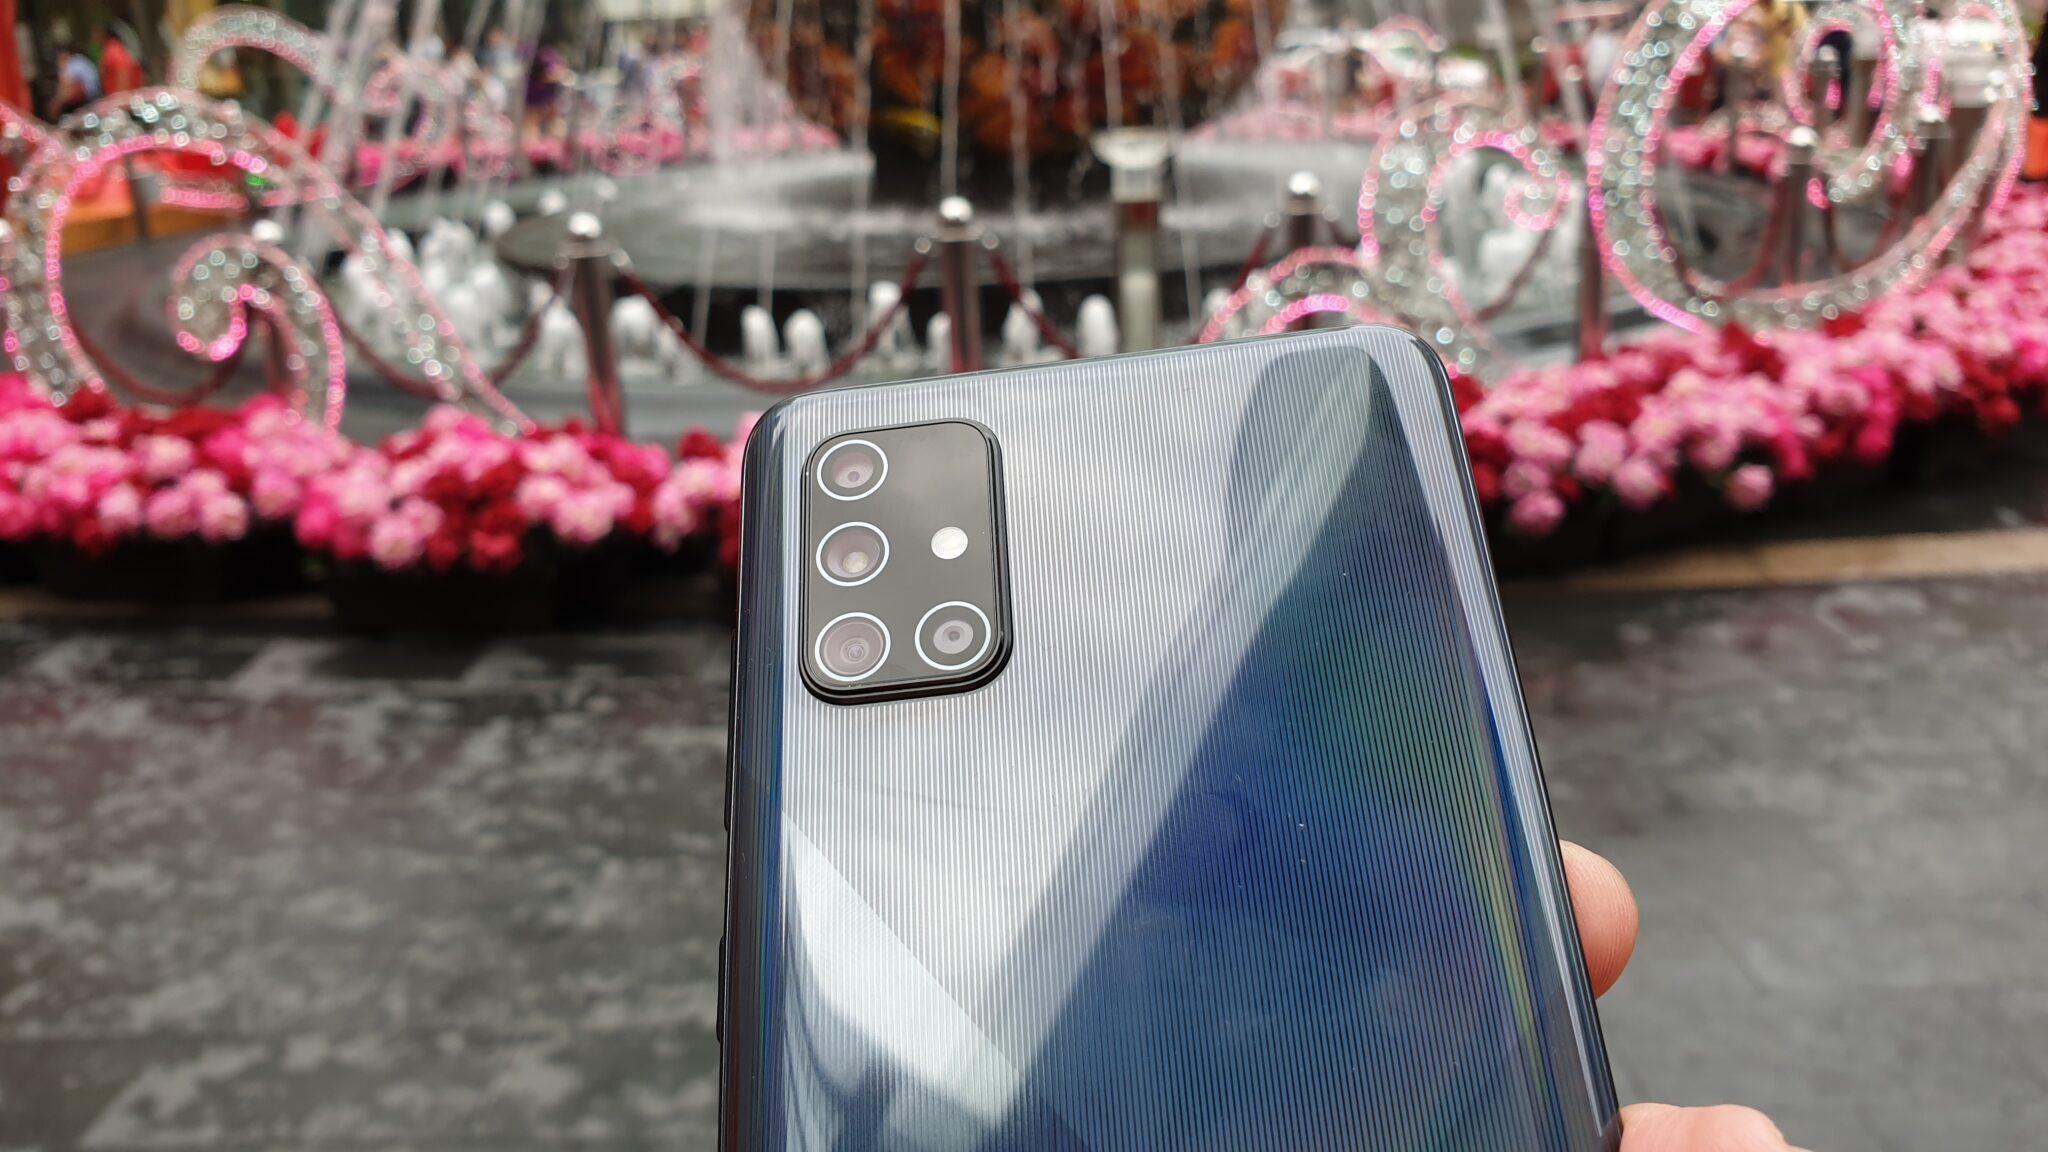 Galaxy A71 rear camera